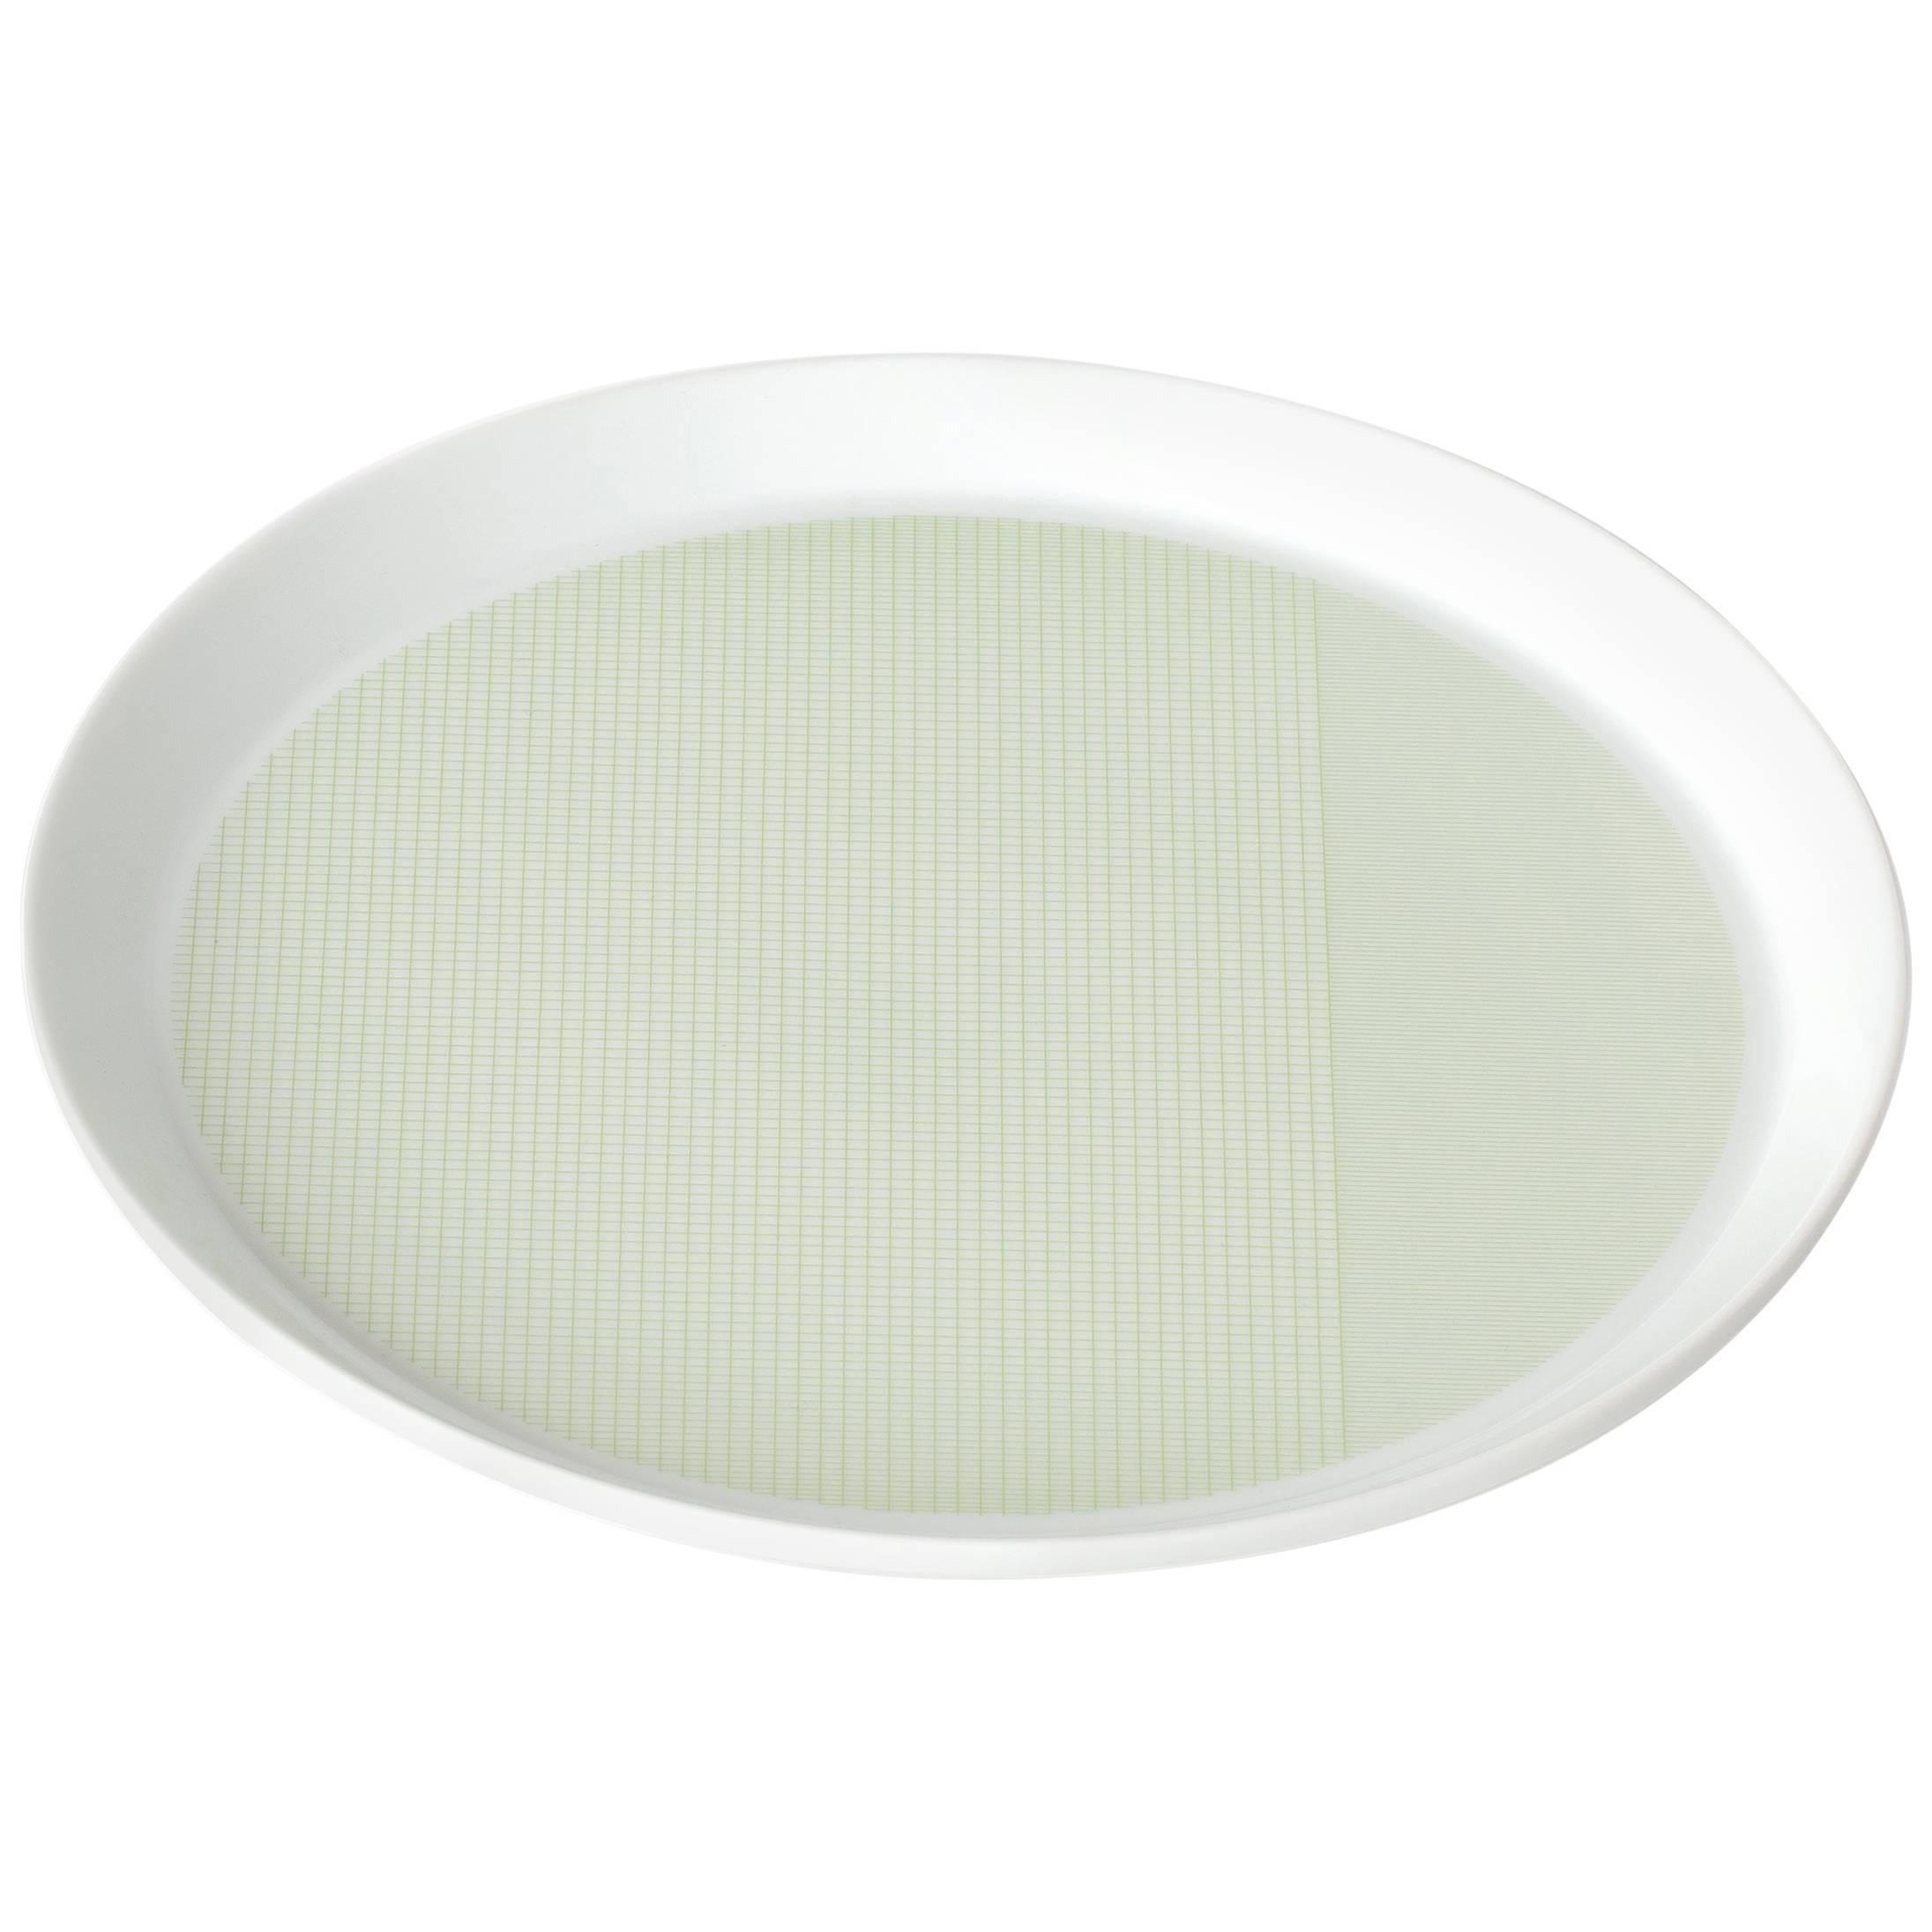 Maharam Pattern Porcelain Plate by Scholten & Baijings